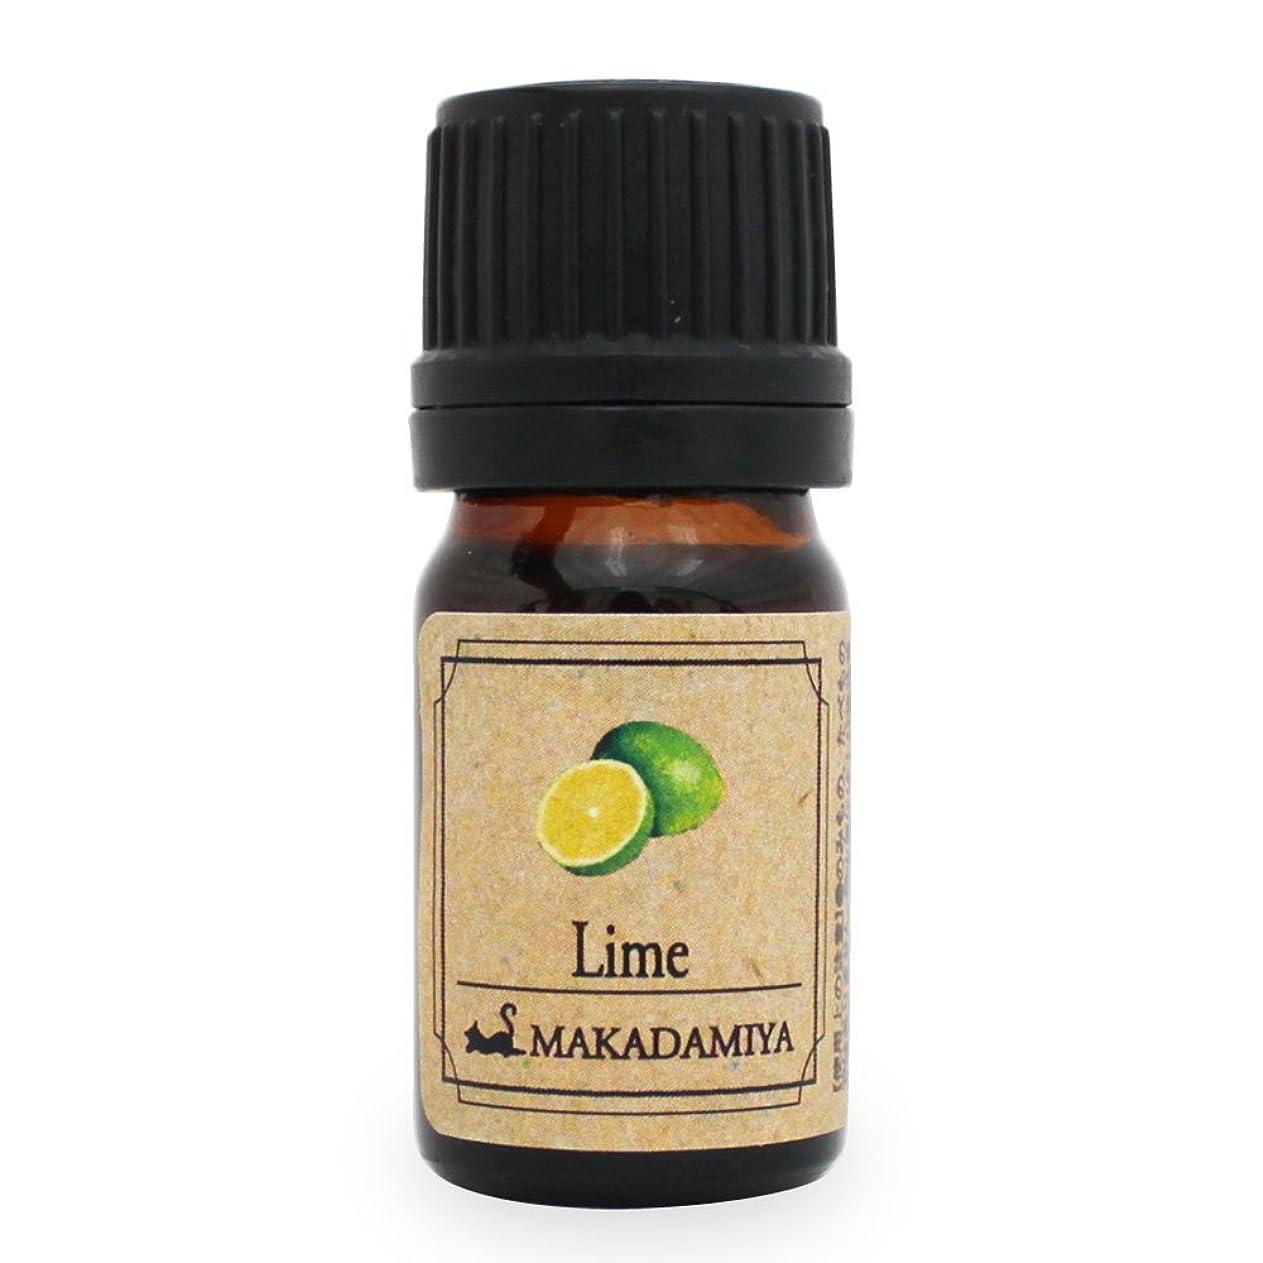 一時停止ルビー吹きさらしライム5ml 天然100%植物性 エッセンシャルオイル(精油) アロマオイル アロママッサージ aroma Lime